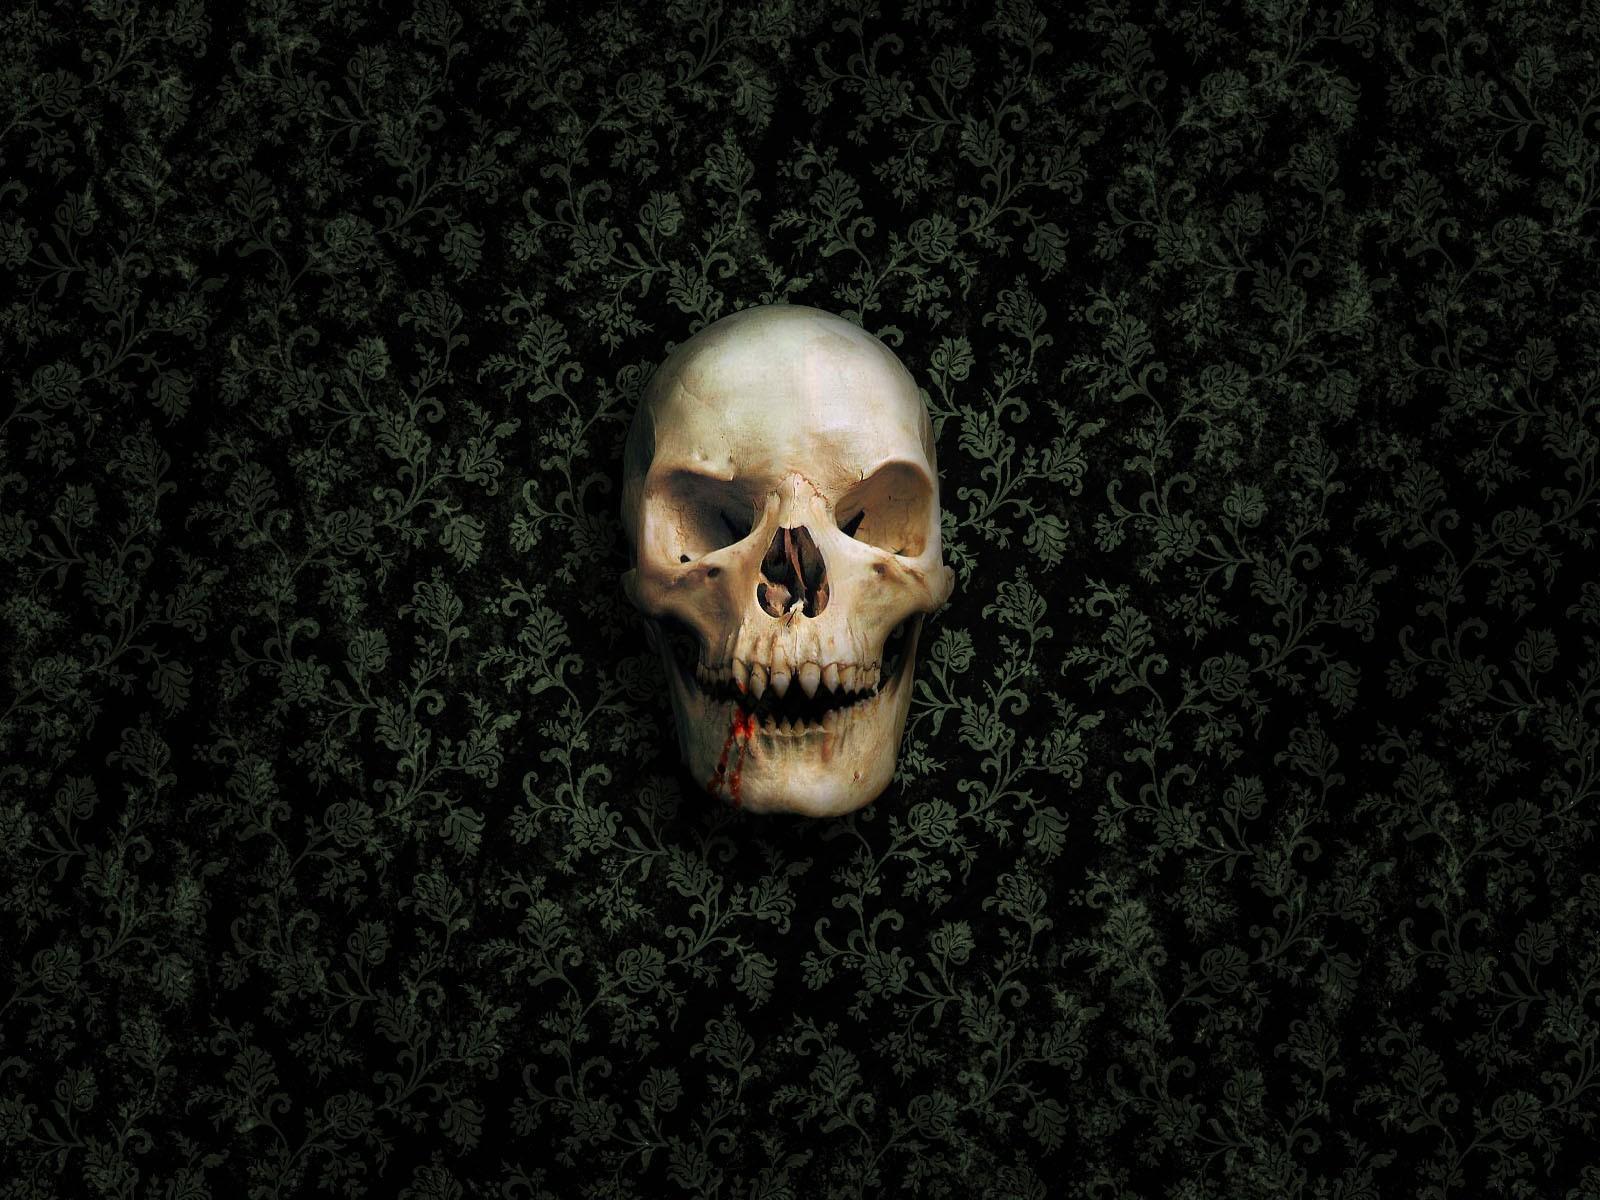 Skull vampire hd artist 4k wallpapers images - Skull 4k images ...